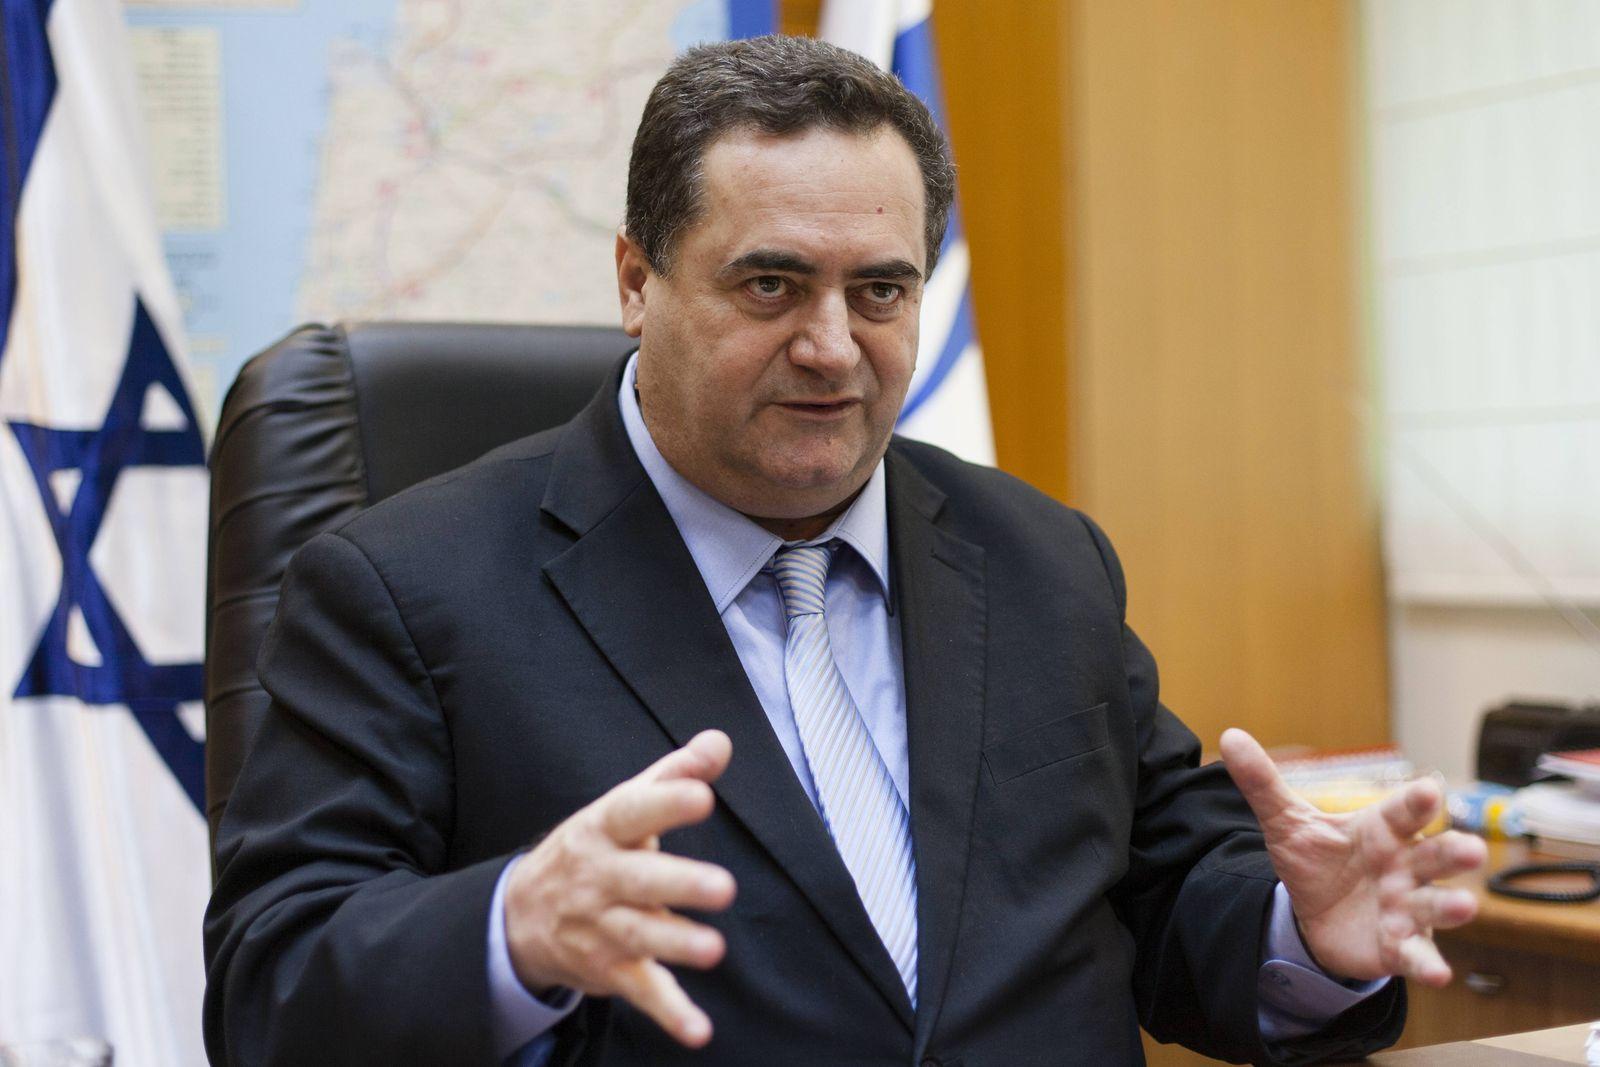 Yisrael Katz / Israel Katz